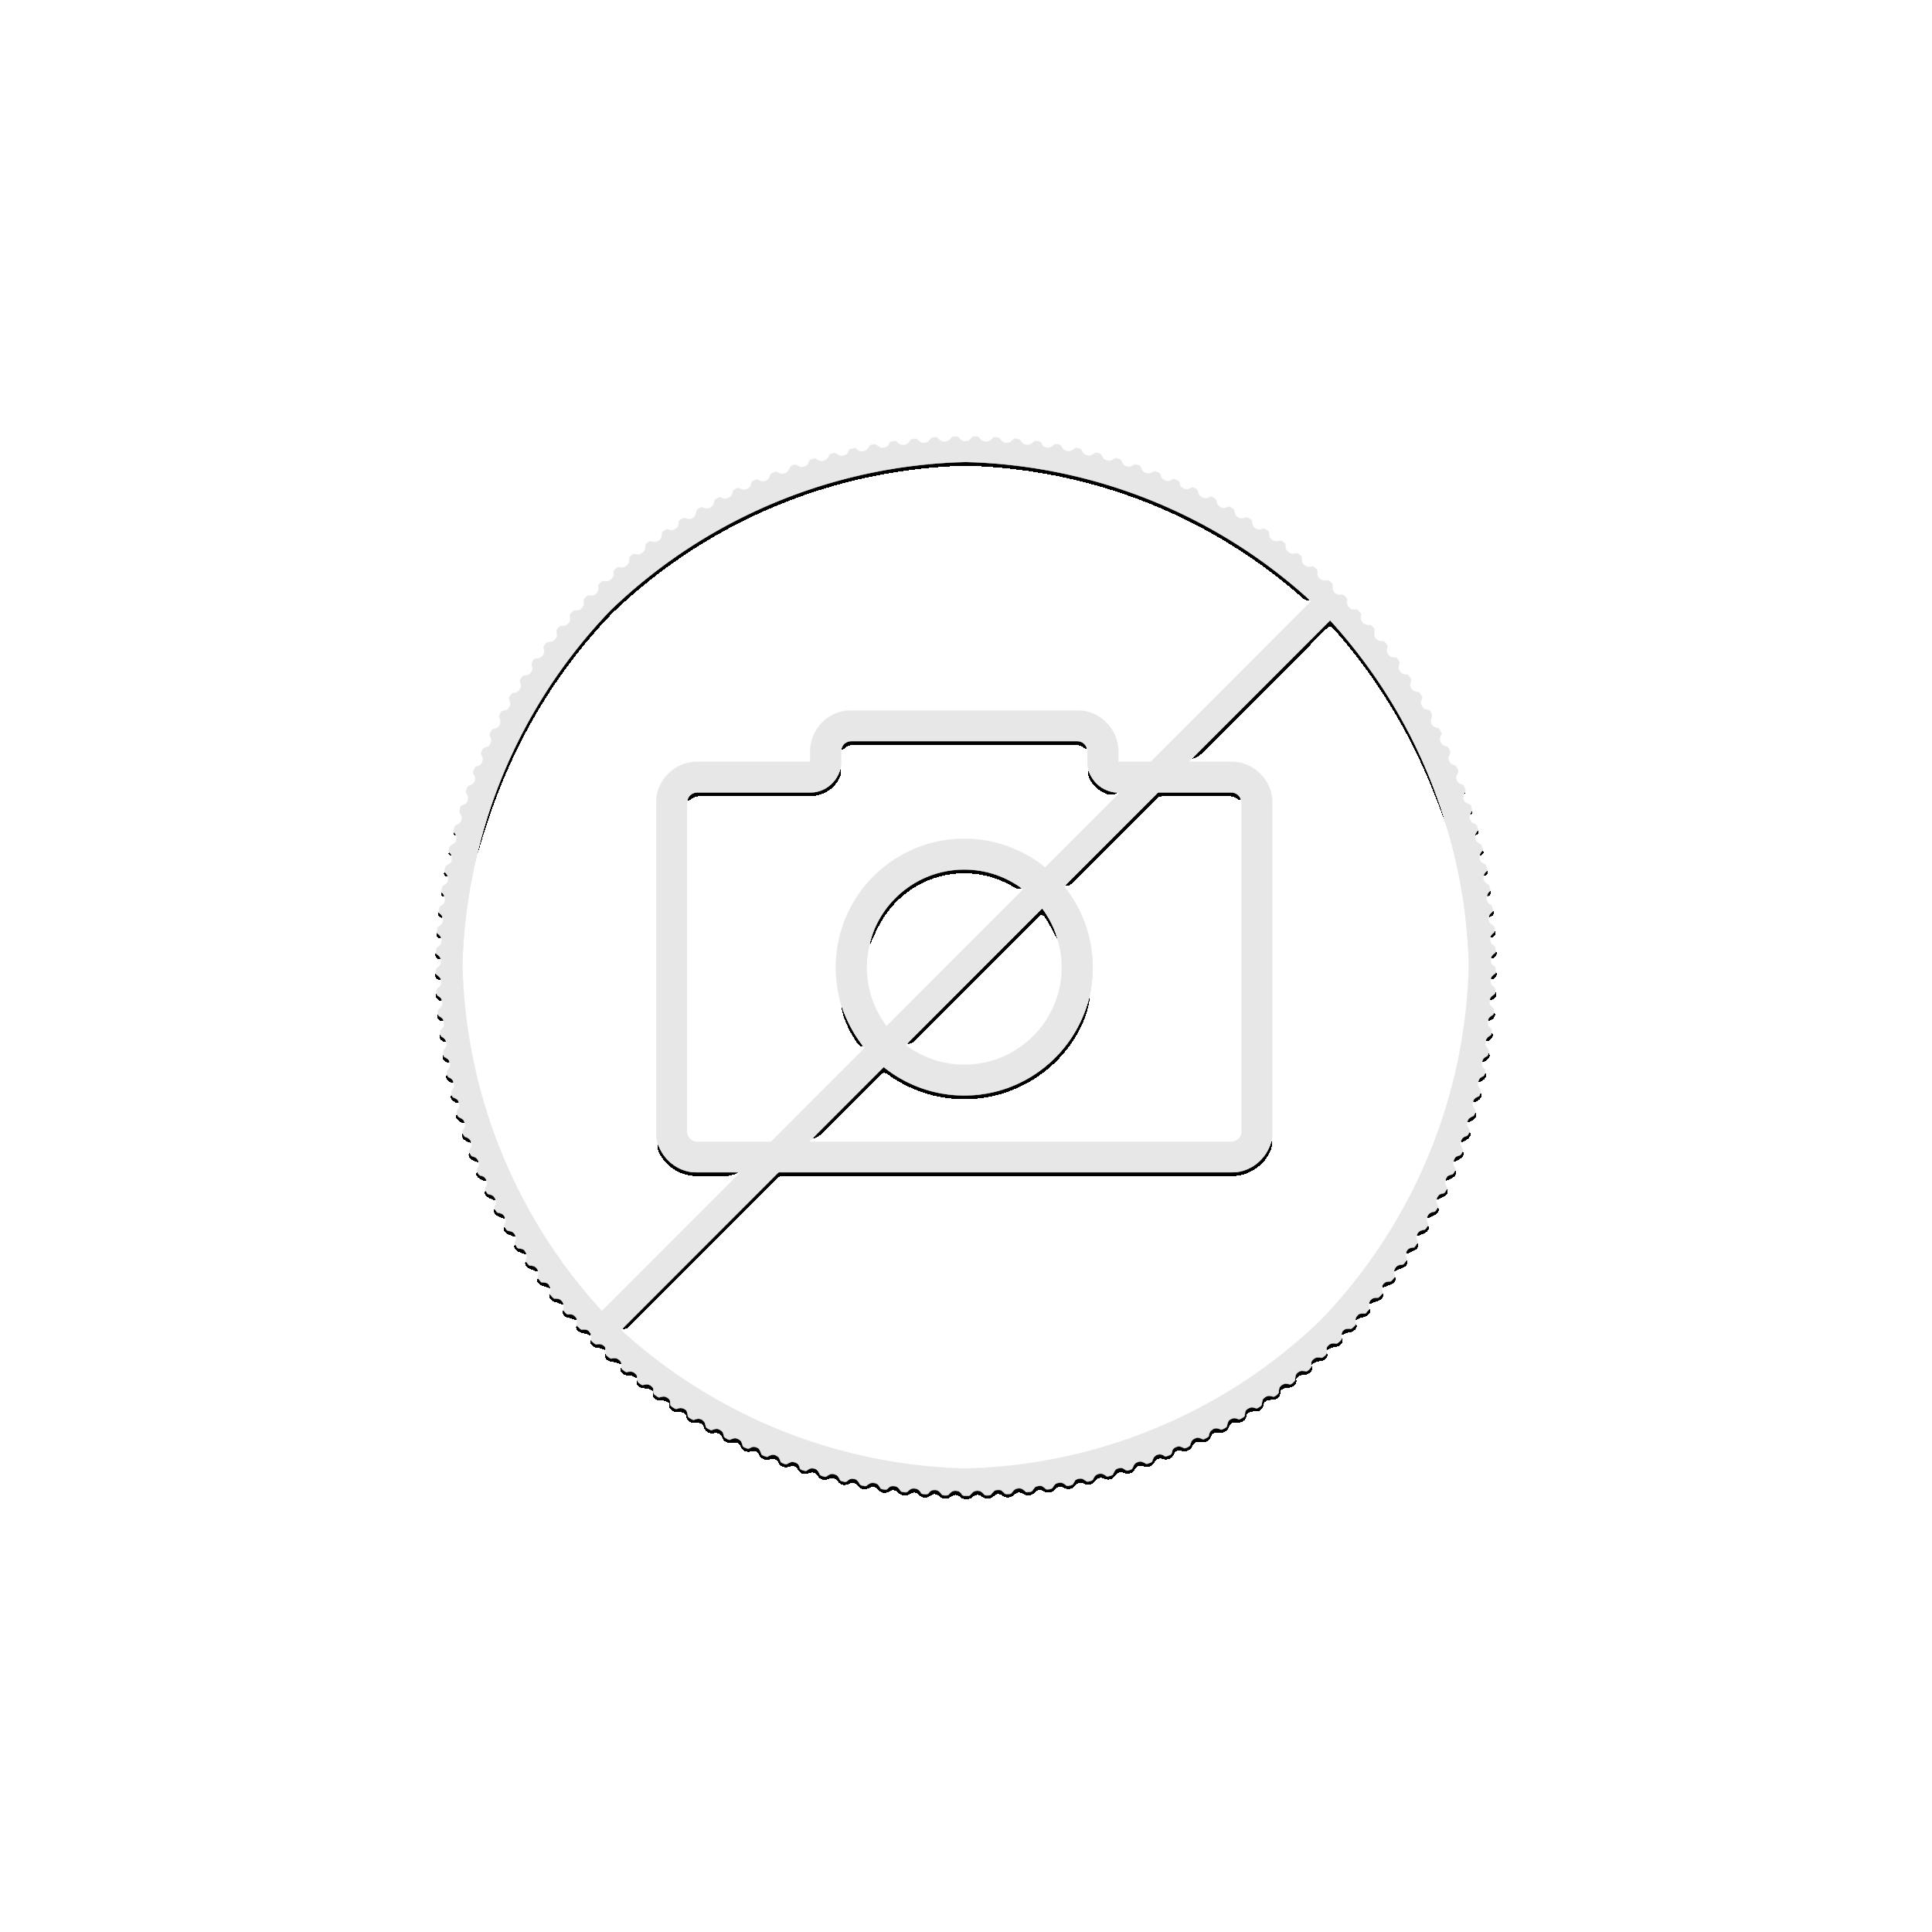 1 troy ounce zilveren munt American Eagle Chameleon 2020 - voorkant